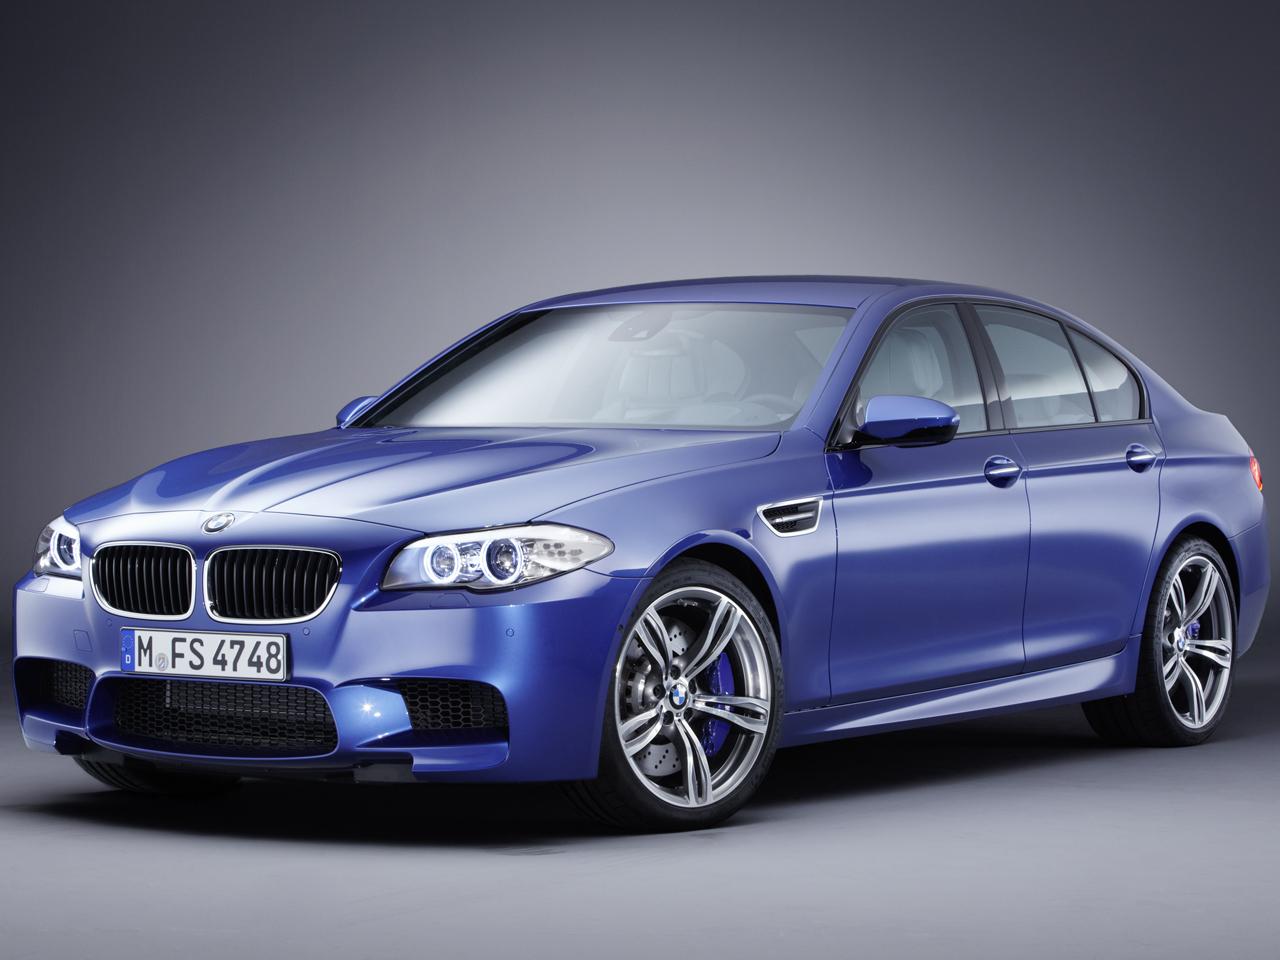 BMW M5 セダン 2011年モデル 新車画像